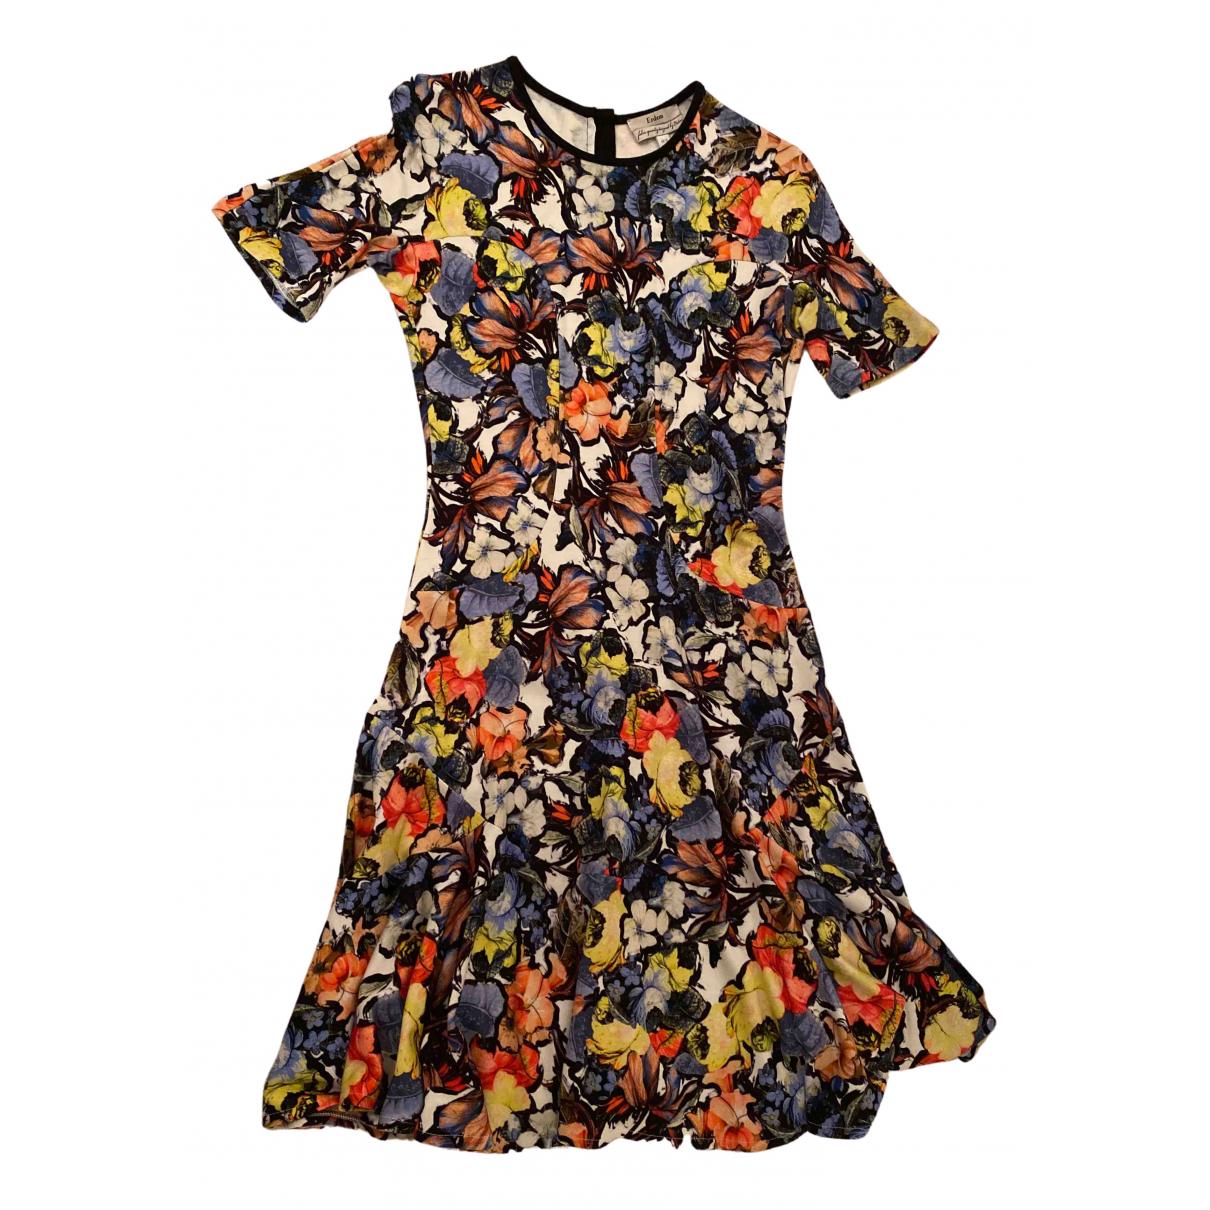 Erdem \N Kleid in  Bunt Viskose